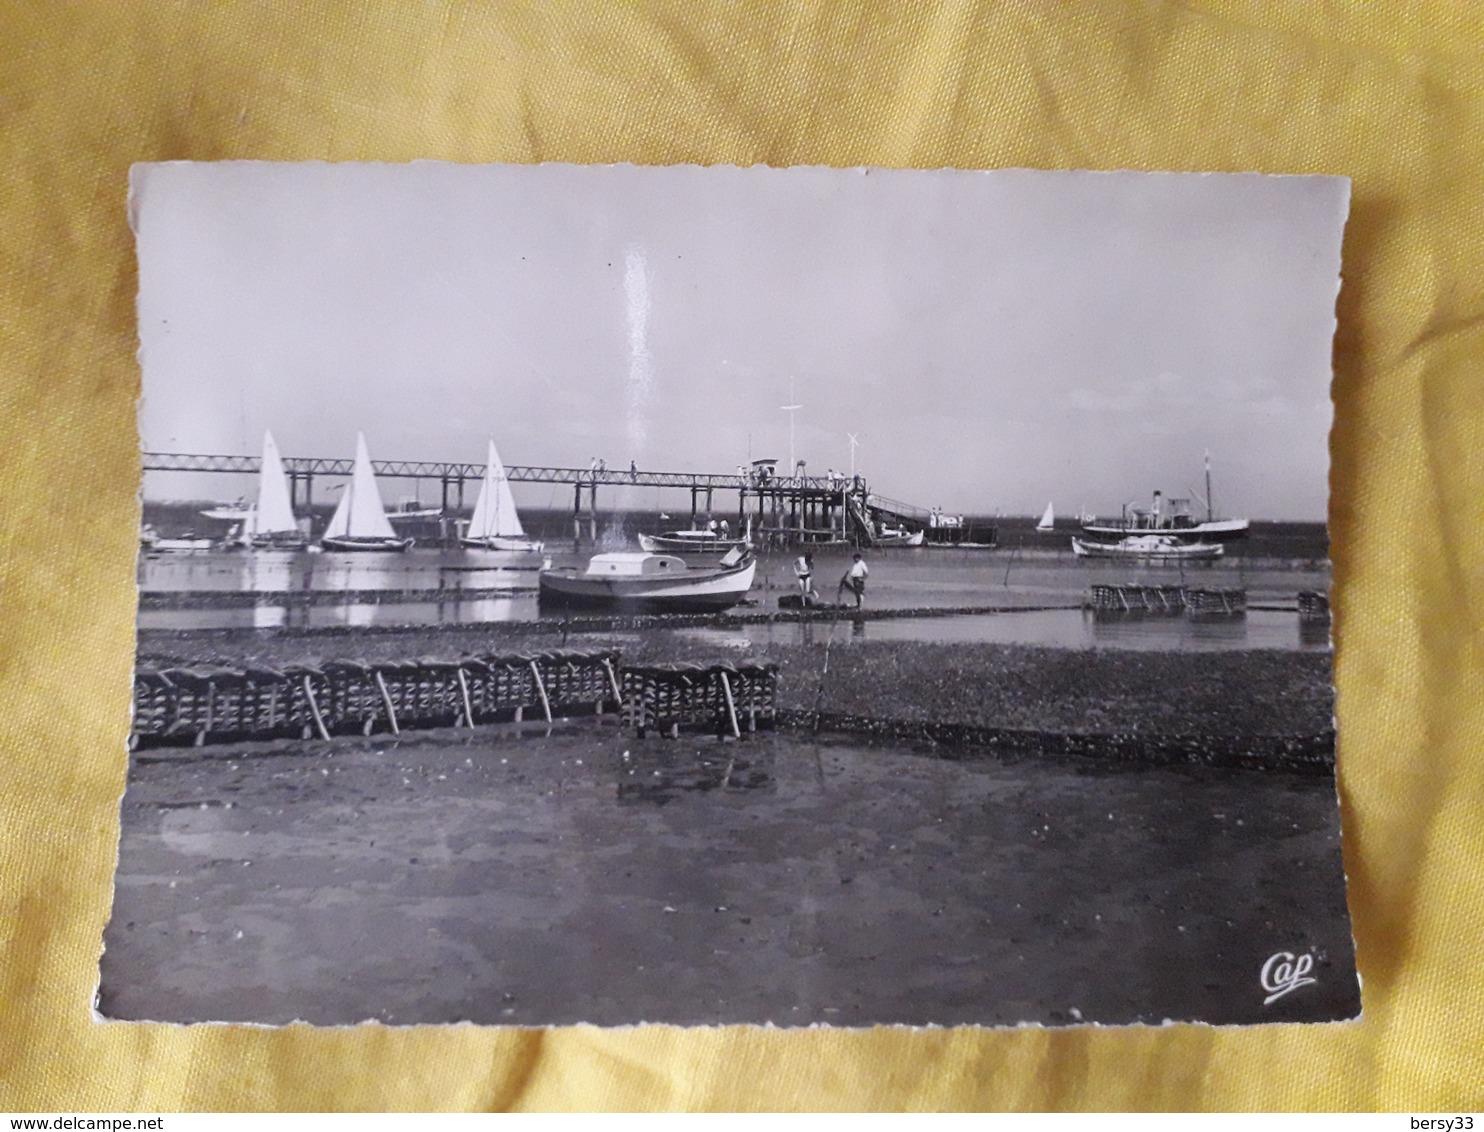 BASSIN D'ARCACHON - CAP FERRET - Carte Photo - Les Parcs à Huîtres Et La Jetée Bélisaire - France